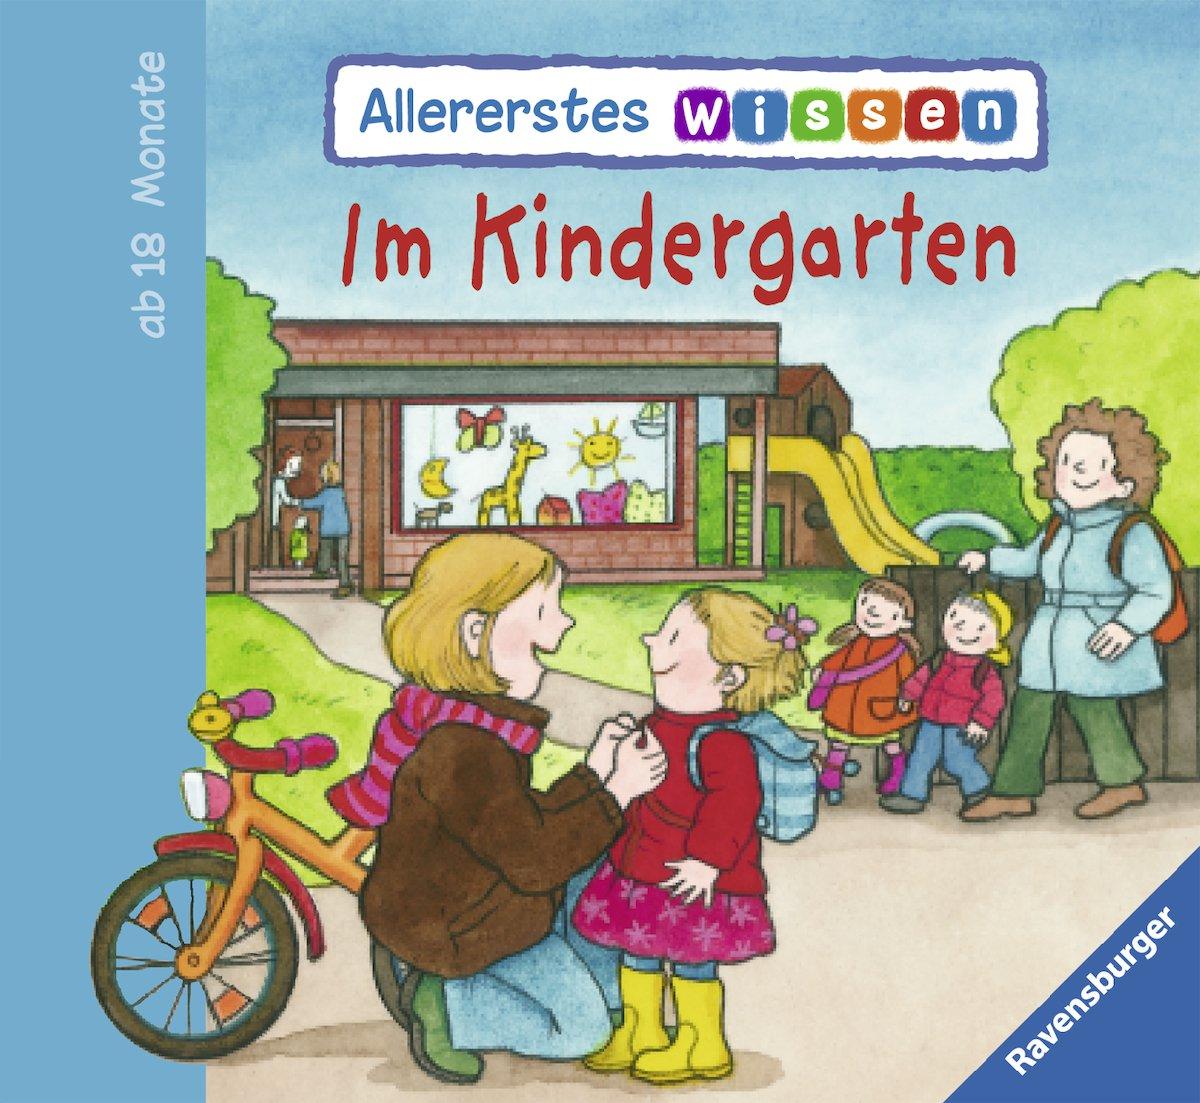 allererstes-wissen-im-kindergarten